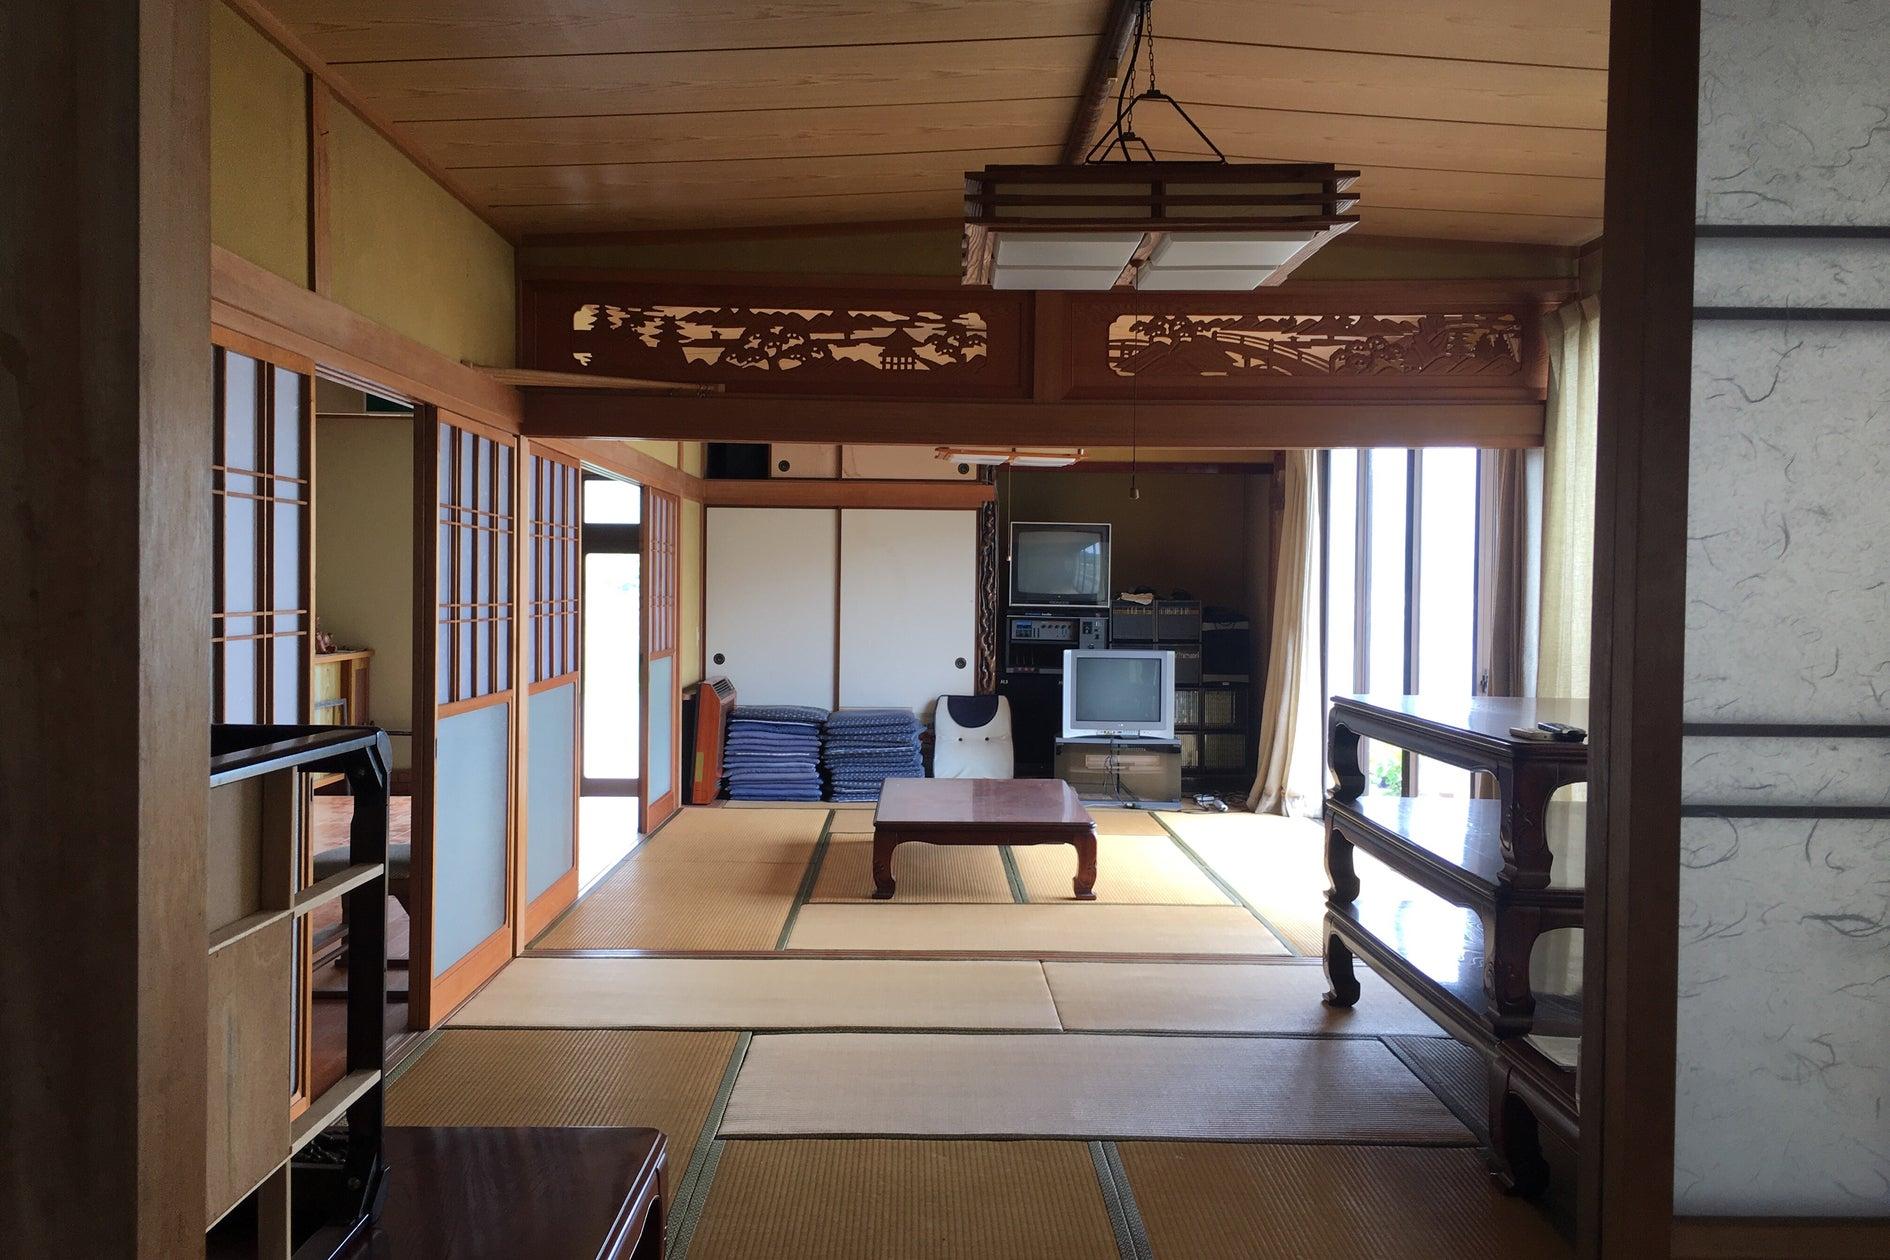 民宿としての設備があり、各種の集まりに利用できます。釣舟などの予約も受け付けができます。(民宿かまがり) の写真0